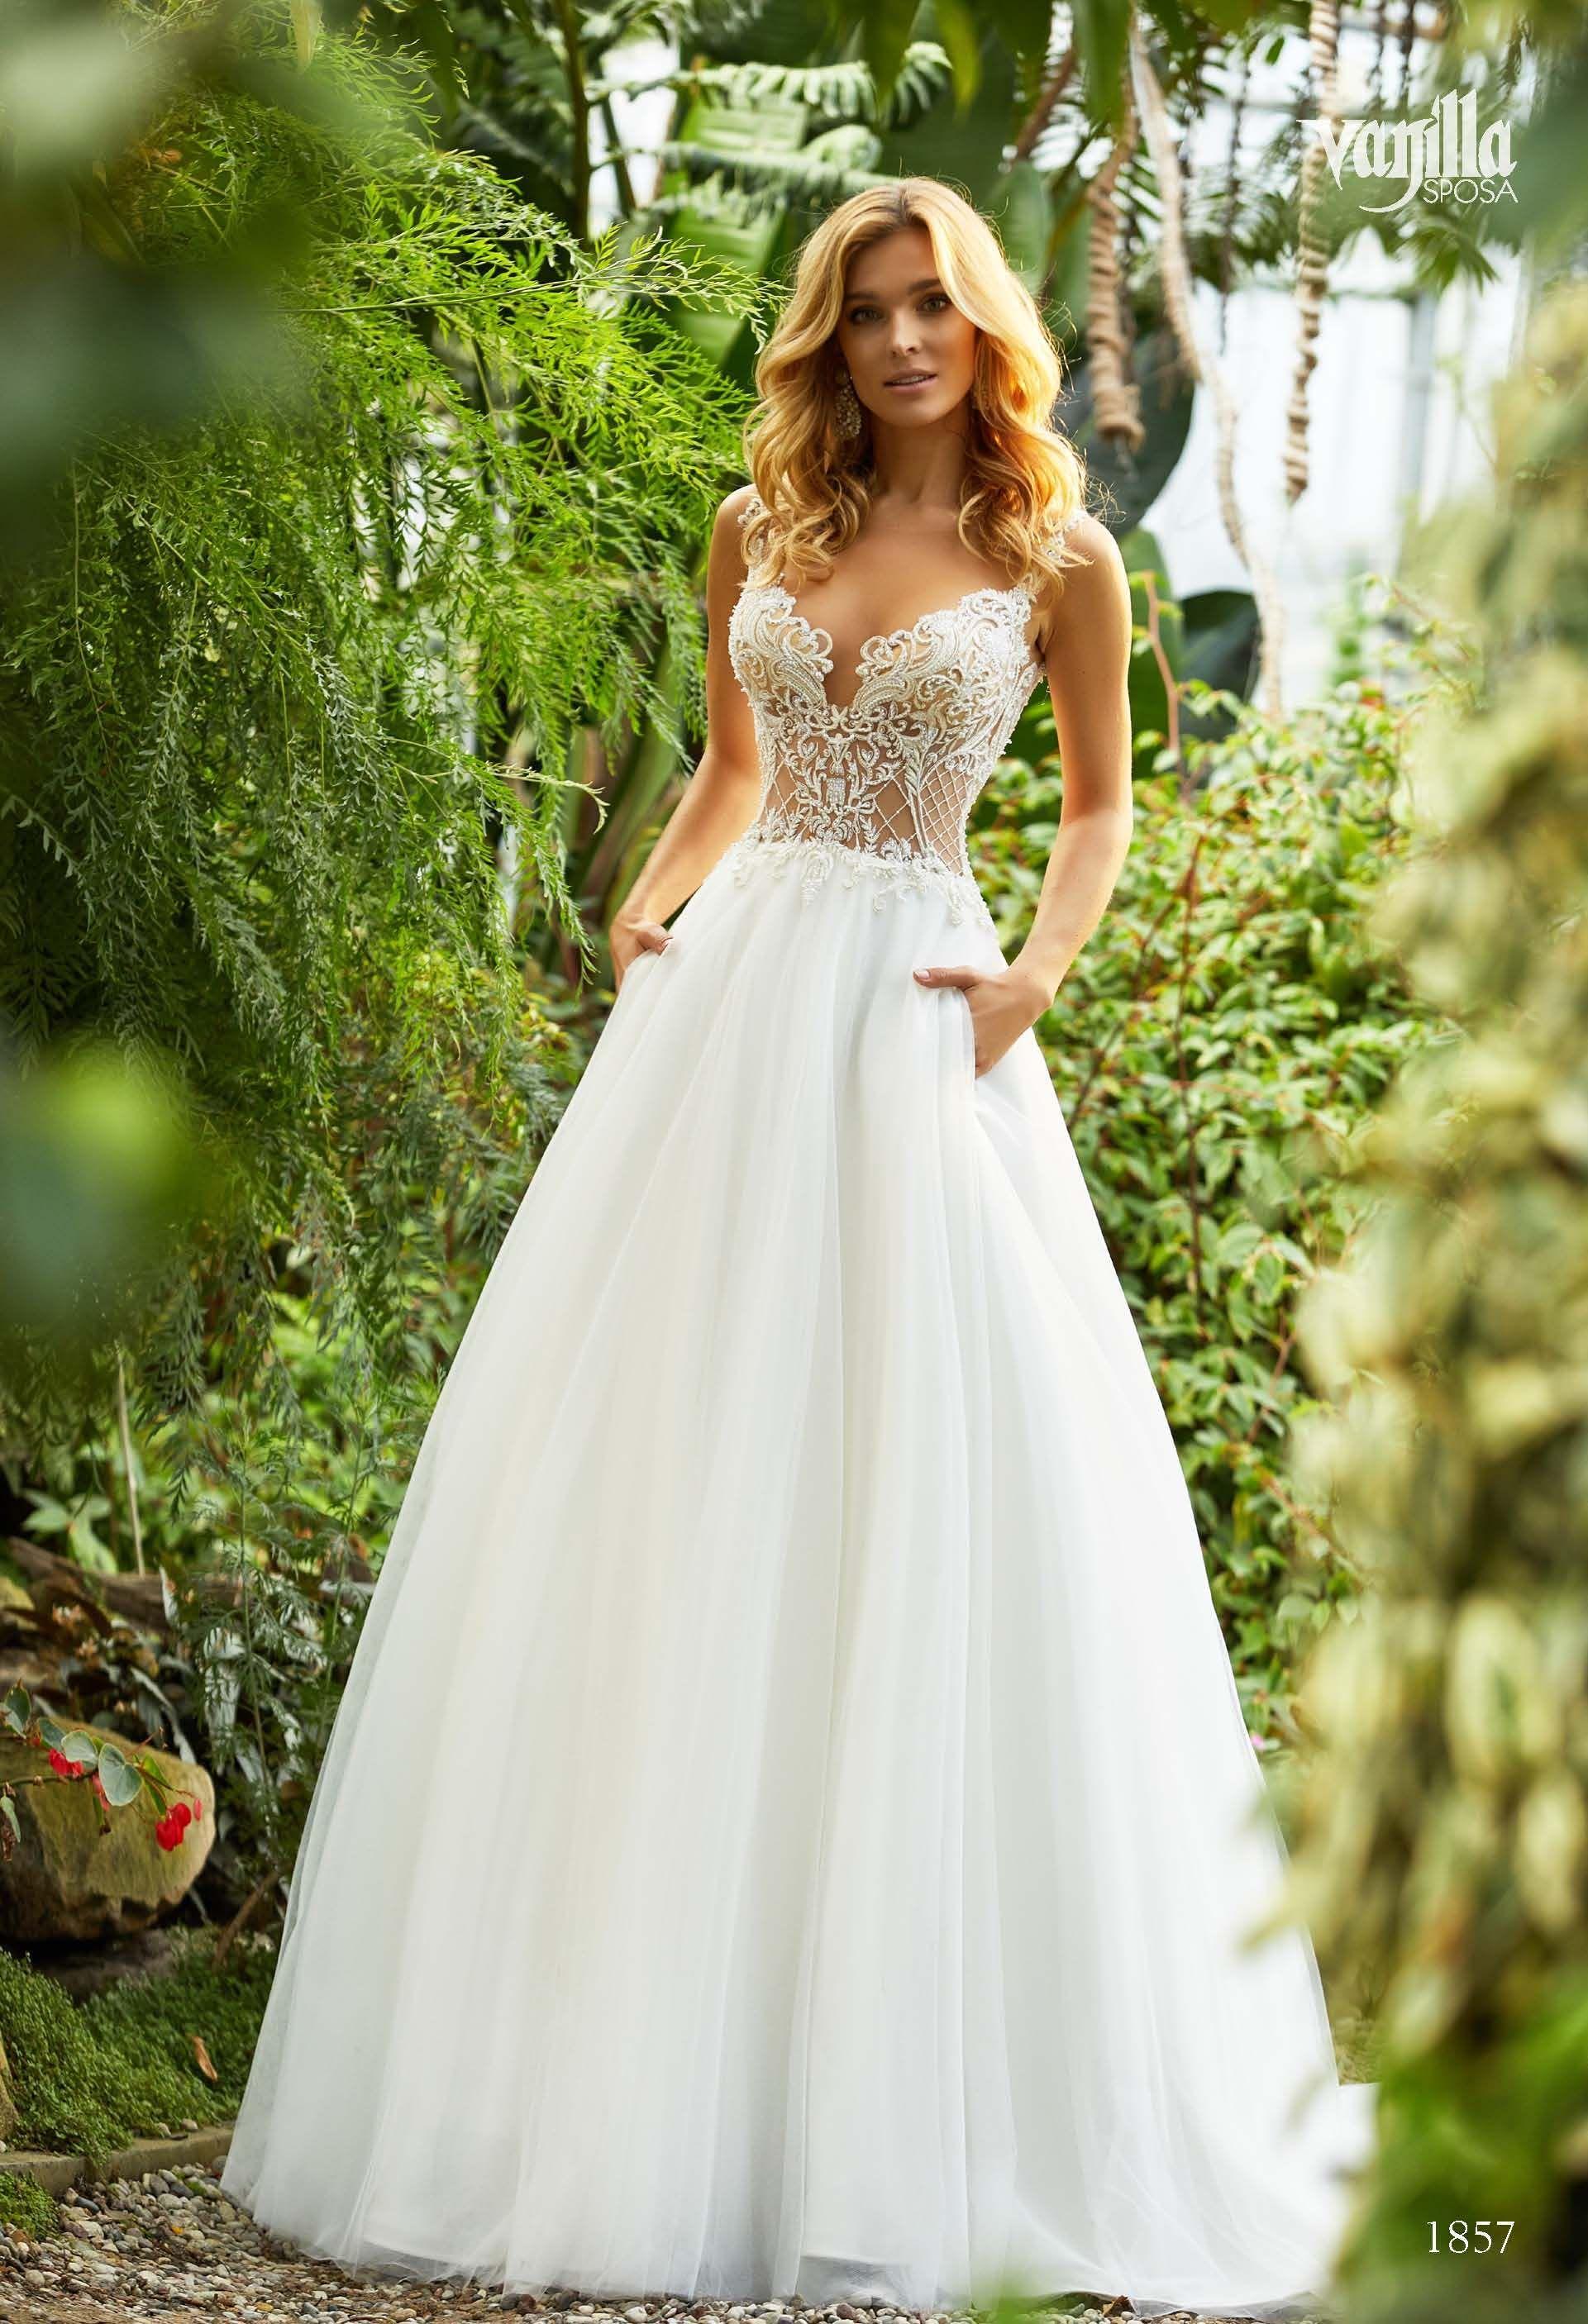 Vanilla Sposa 1851 Bailando Boutique Wedding Gowns